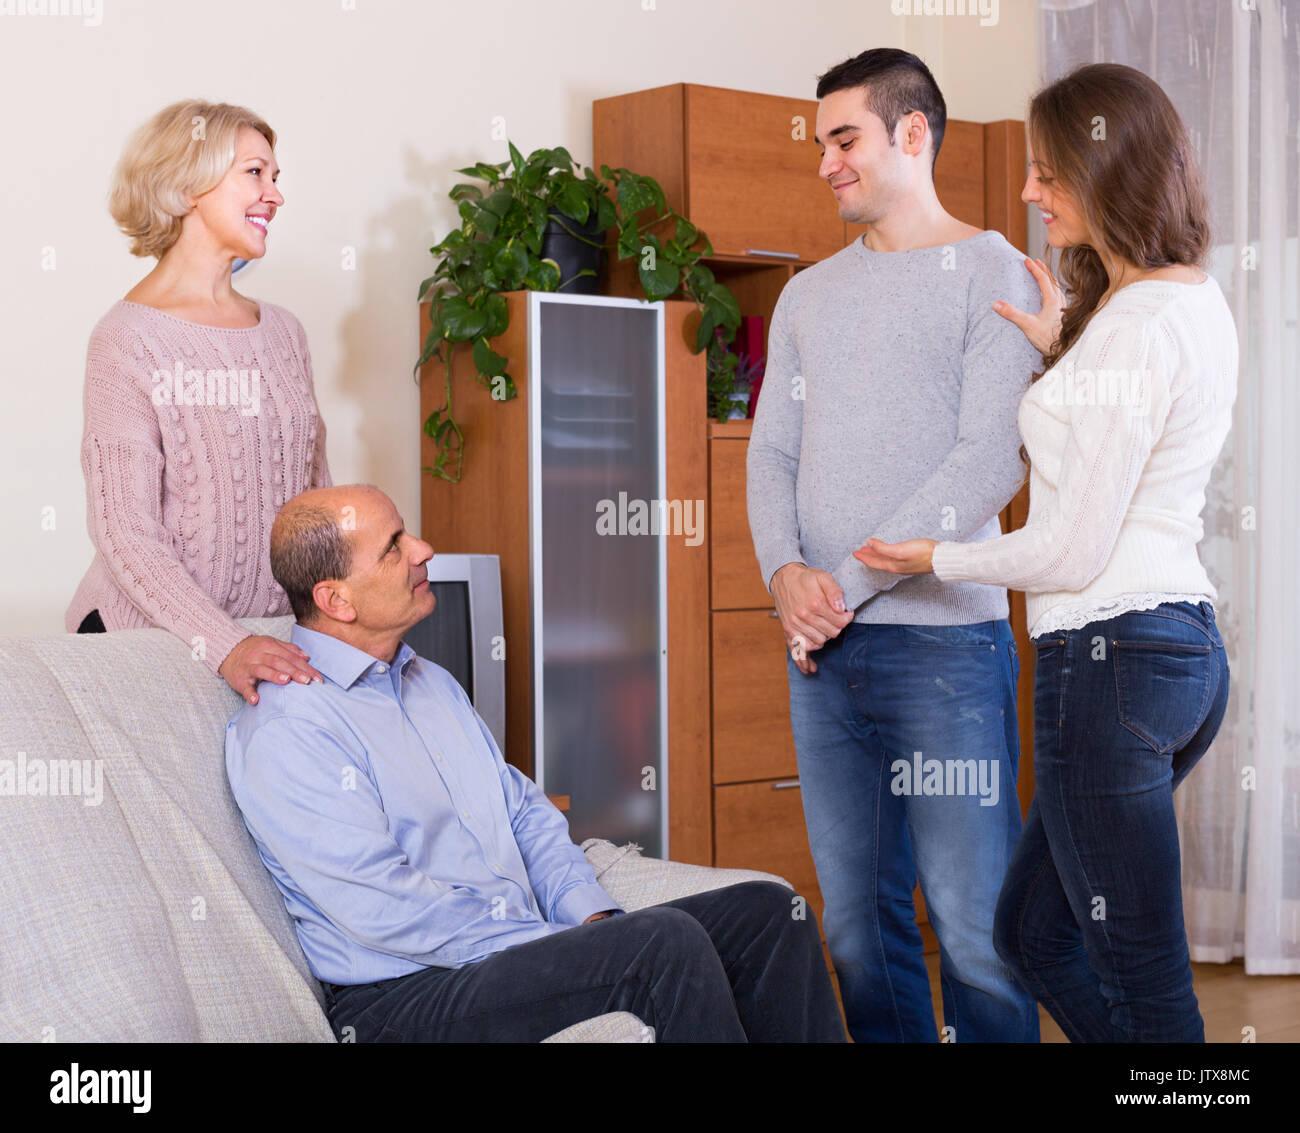 Happy adult daughter introducing her boyfriend to her parents indoor - Stock Image